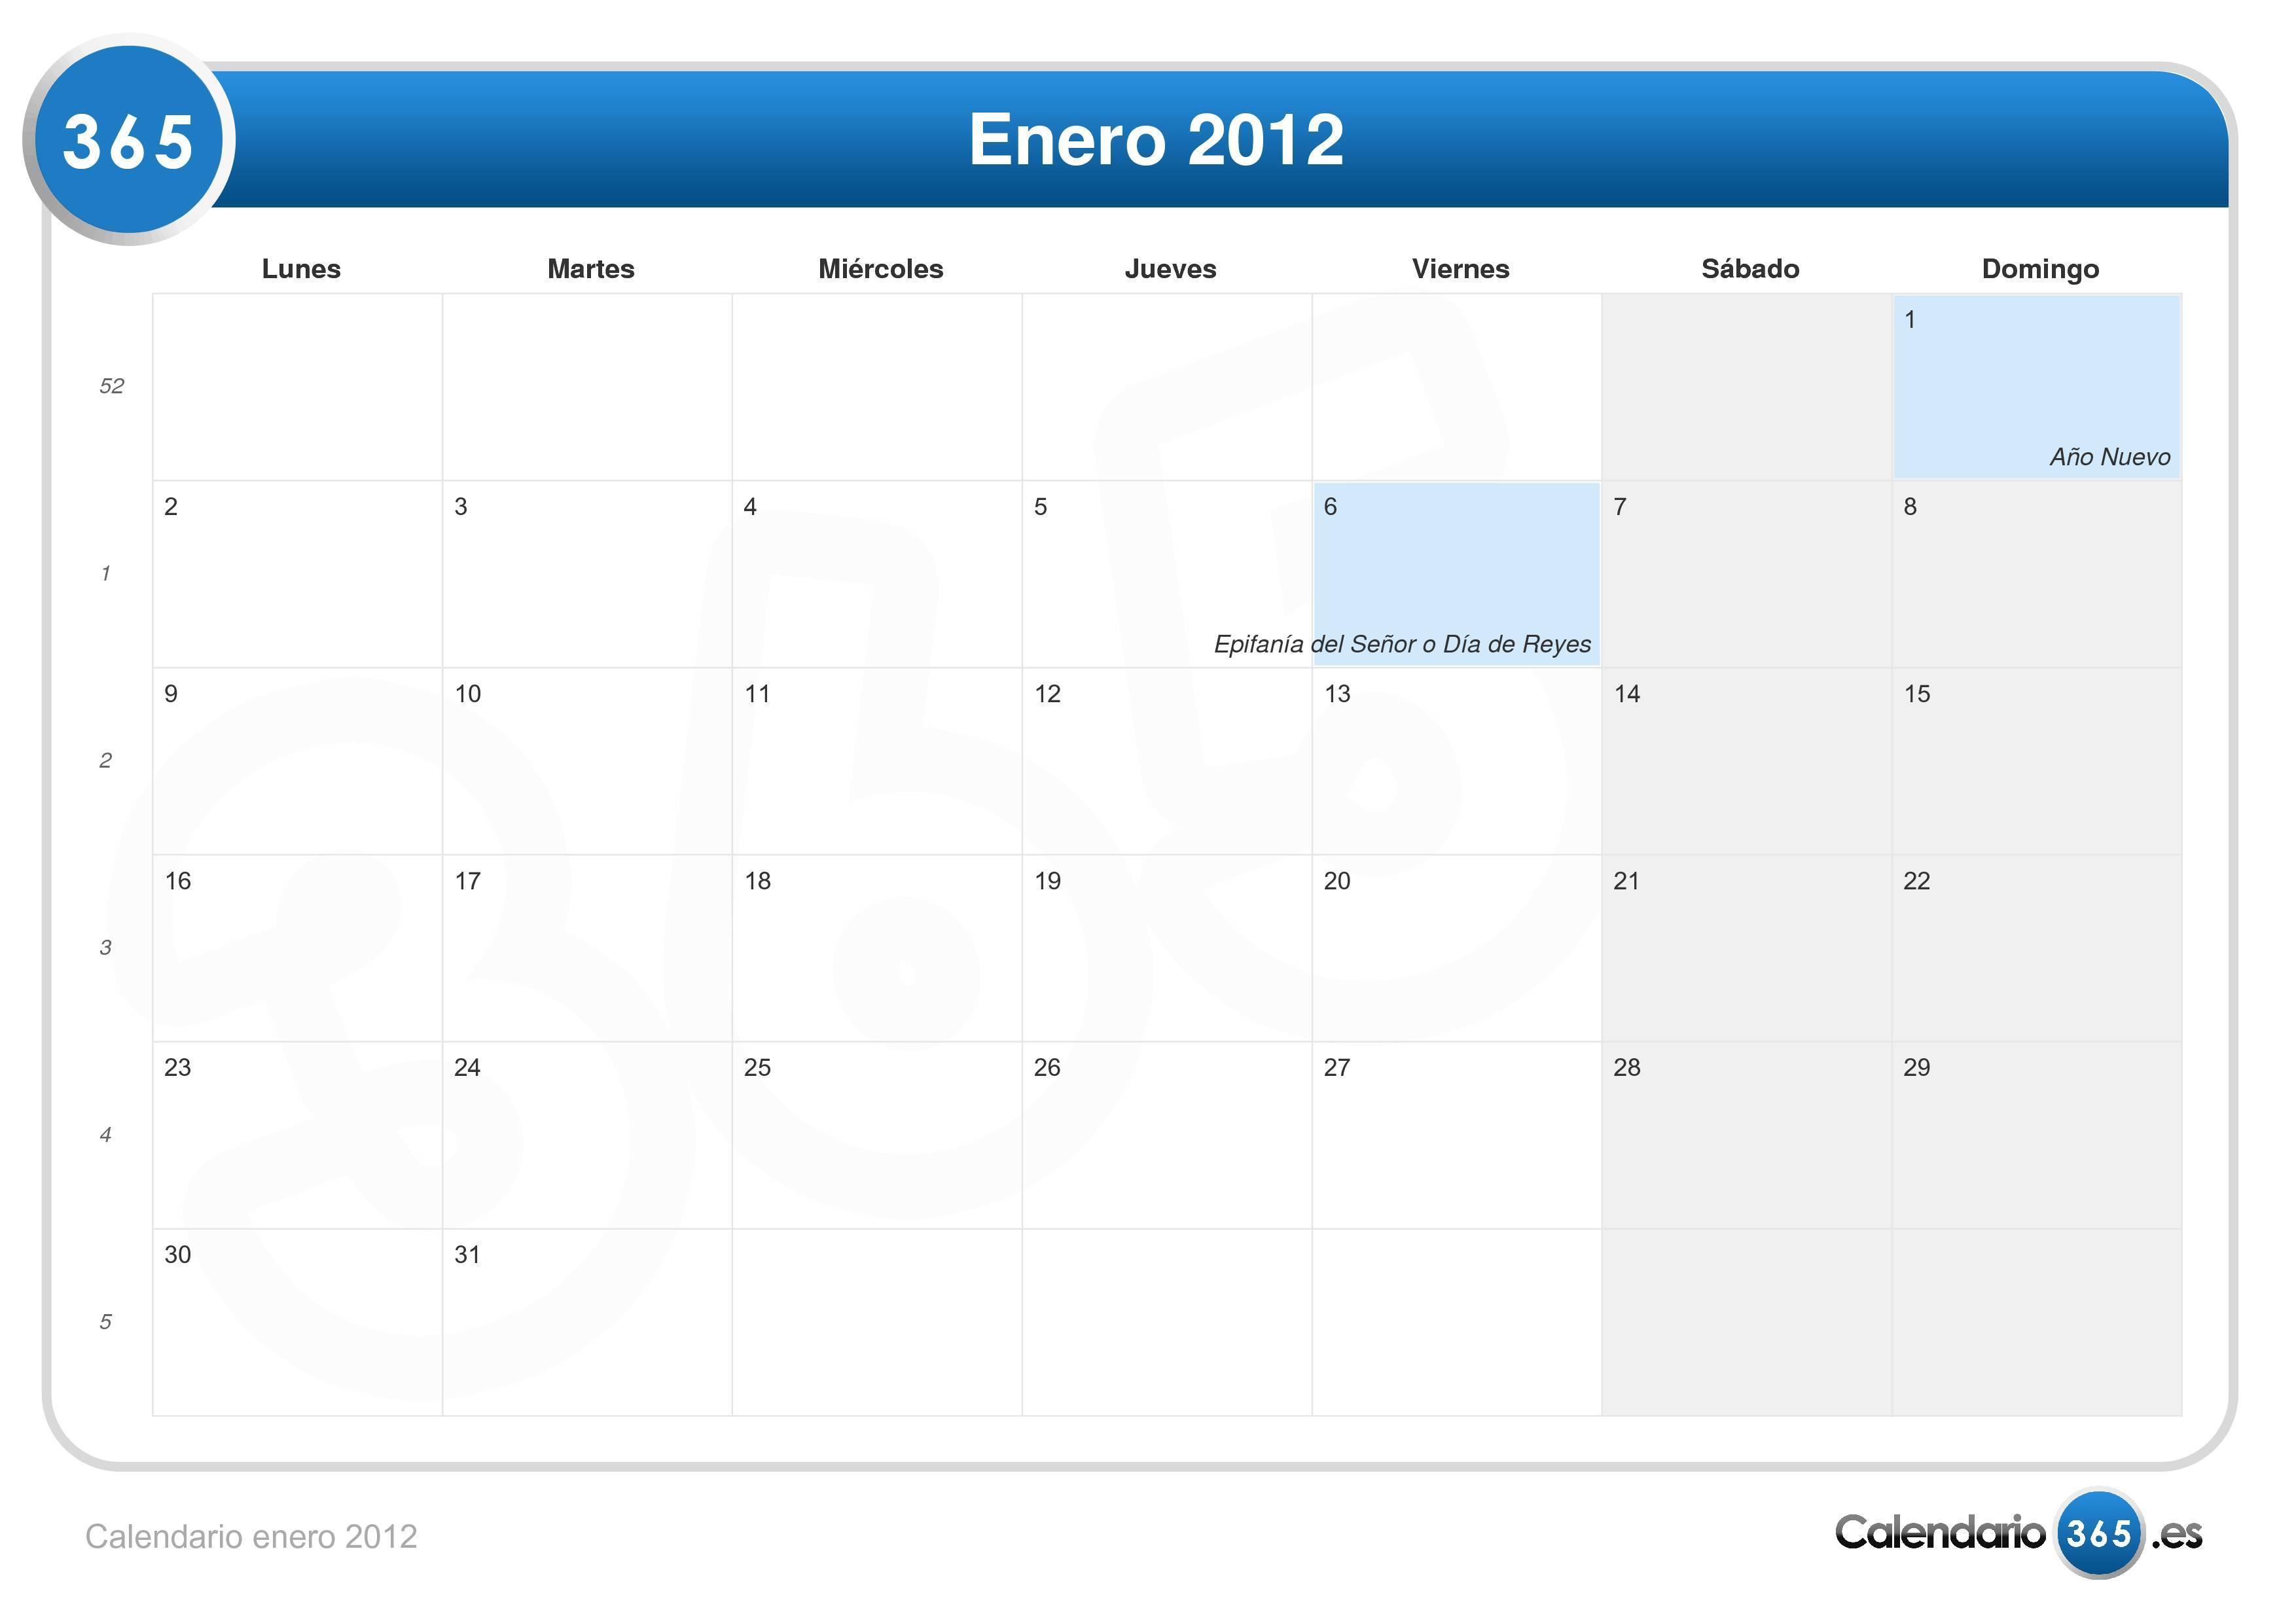 Calendario Enero 2012